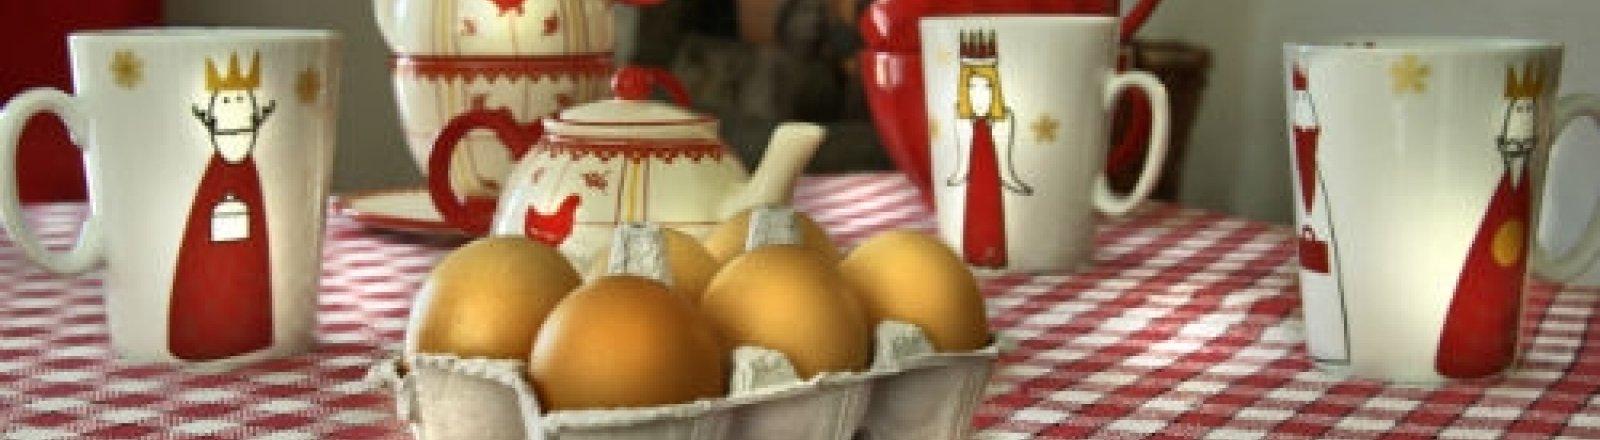 GITE DE L'OLIVETTE © miel de printemps